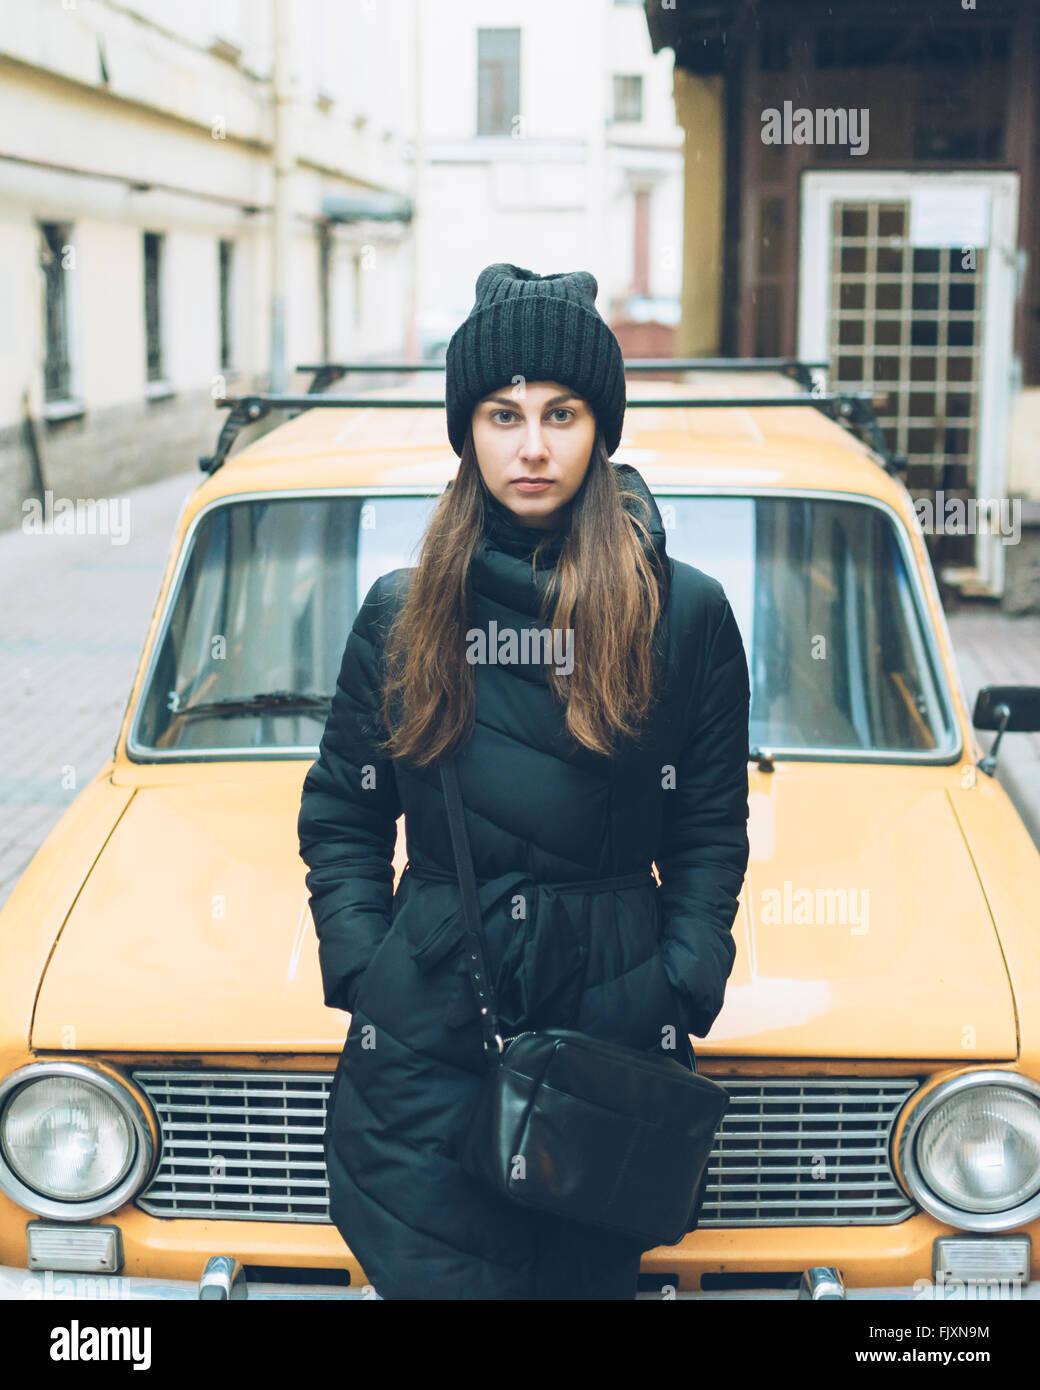 Porträt der schönen jungen Frau stützte sich auf Straße geparkten Auto Stockbild